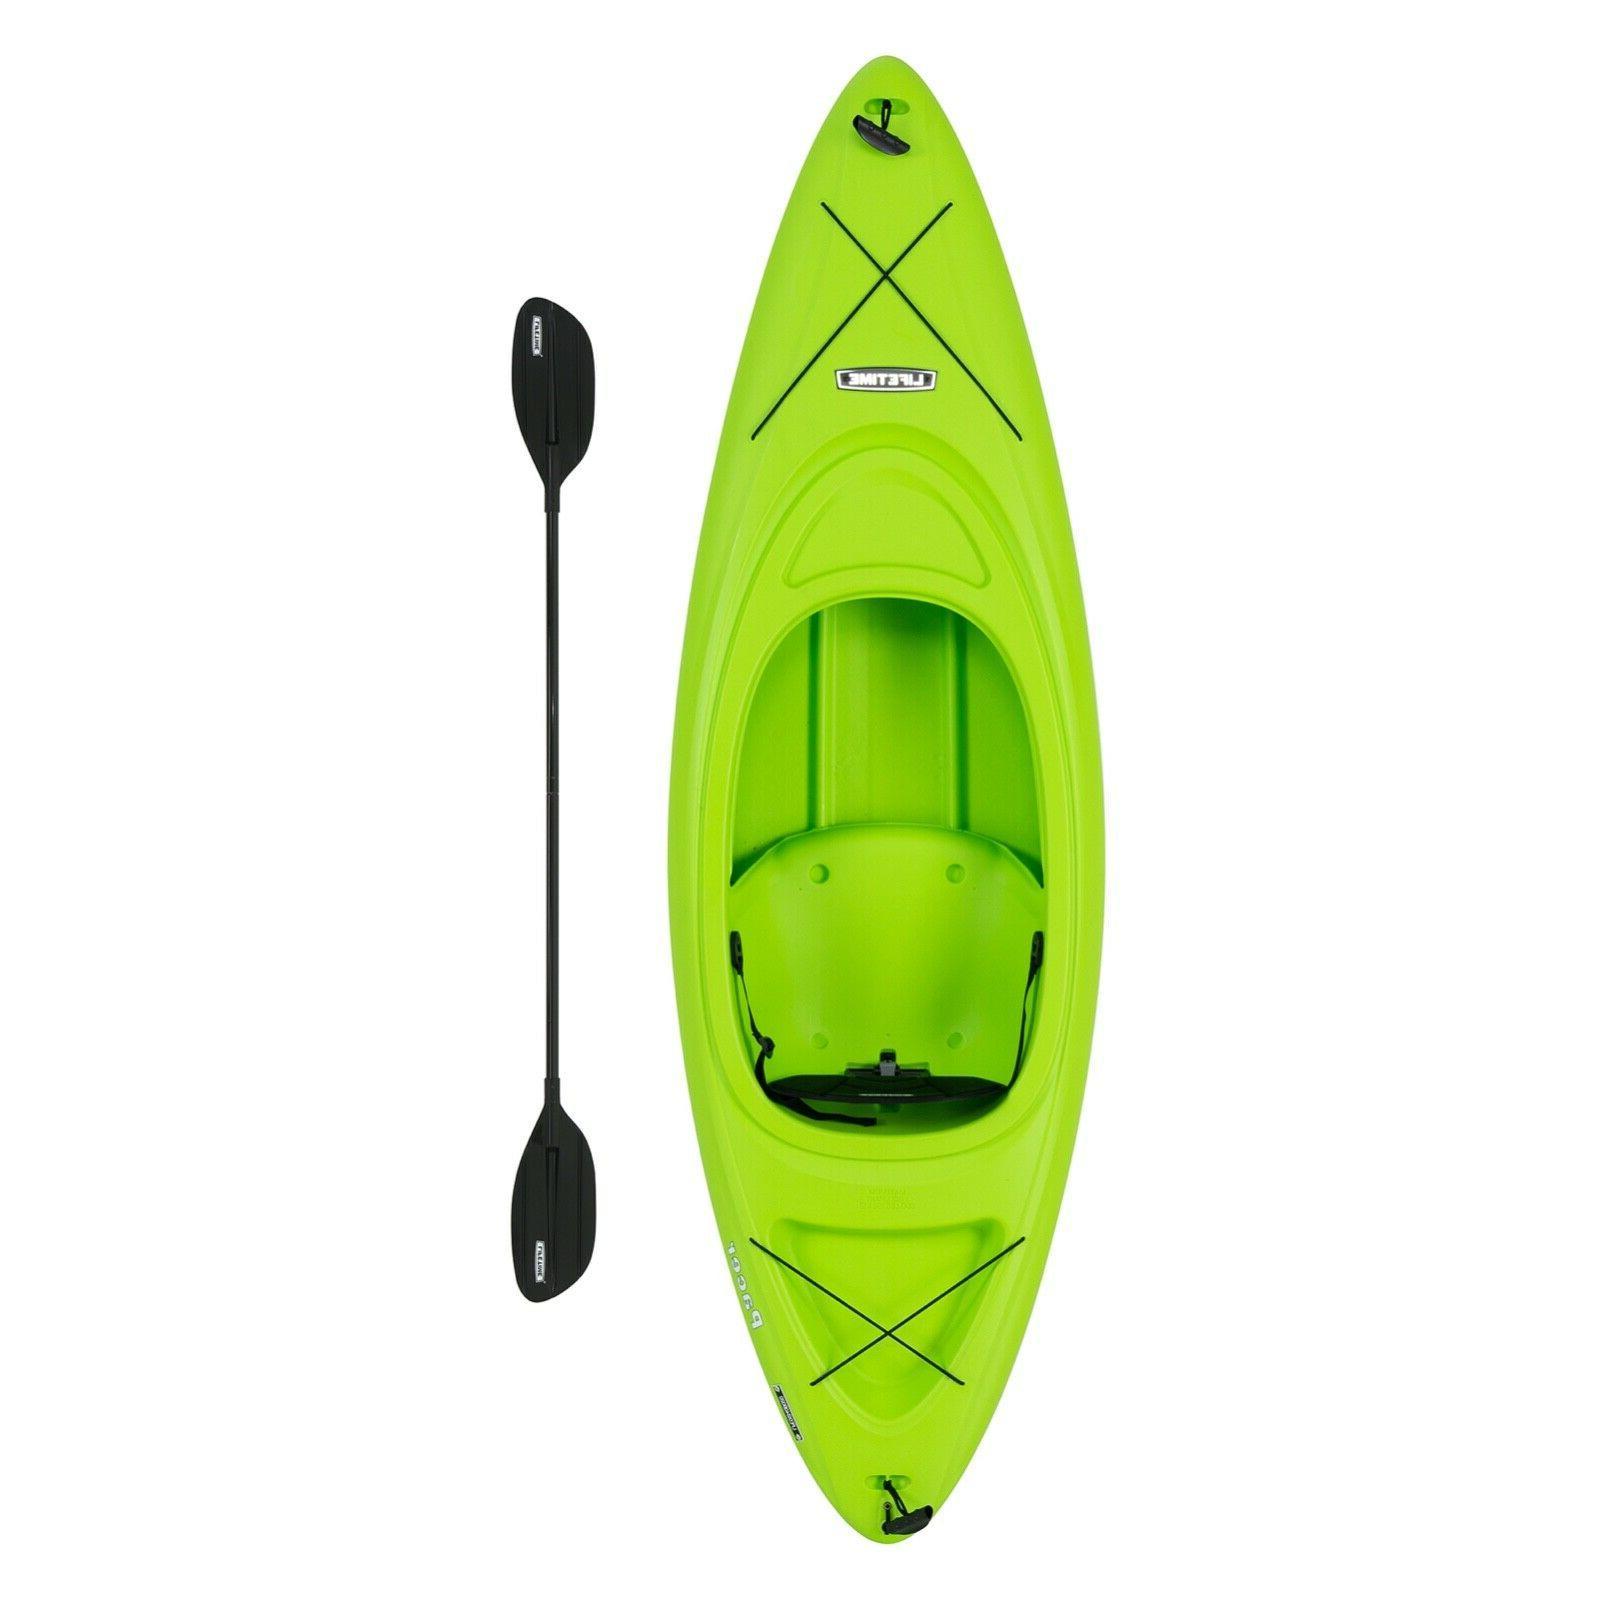 pacer 8 ft kayak w paddle green